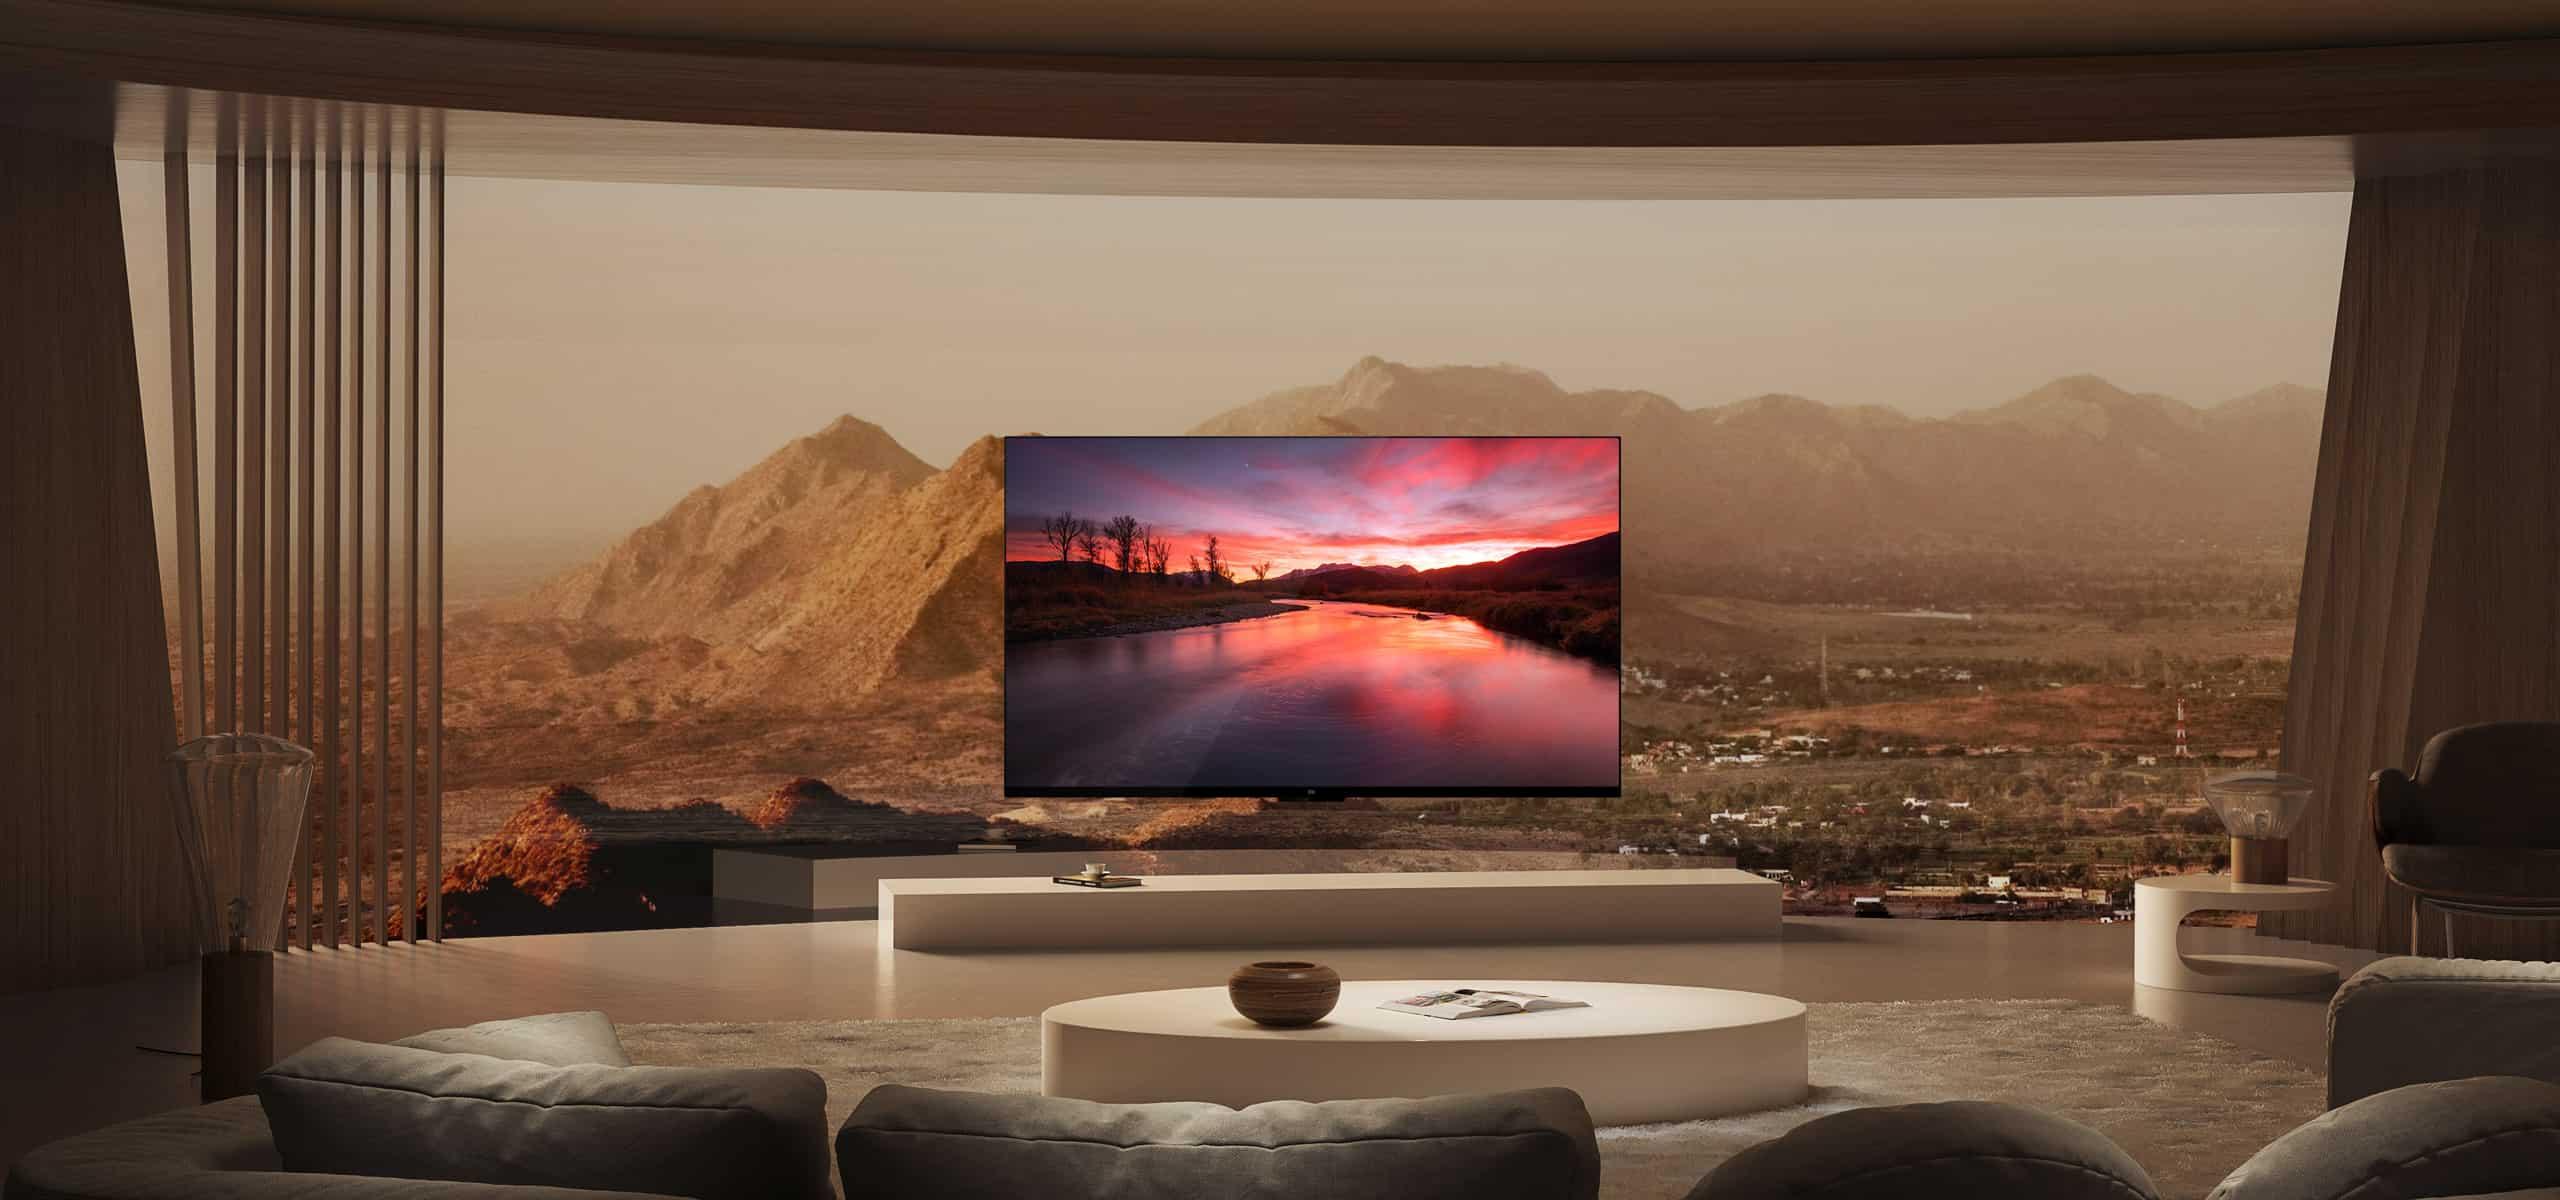 Mi TV 4 Pro vs 4X Pro vs 4A Pro - Xiaomi TV Comparison & Differences